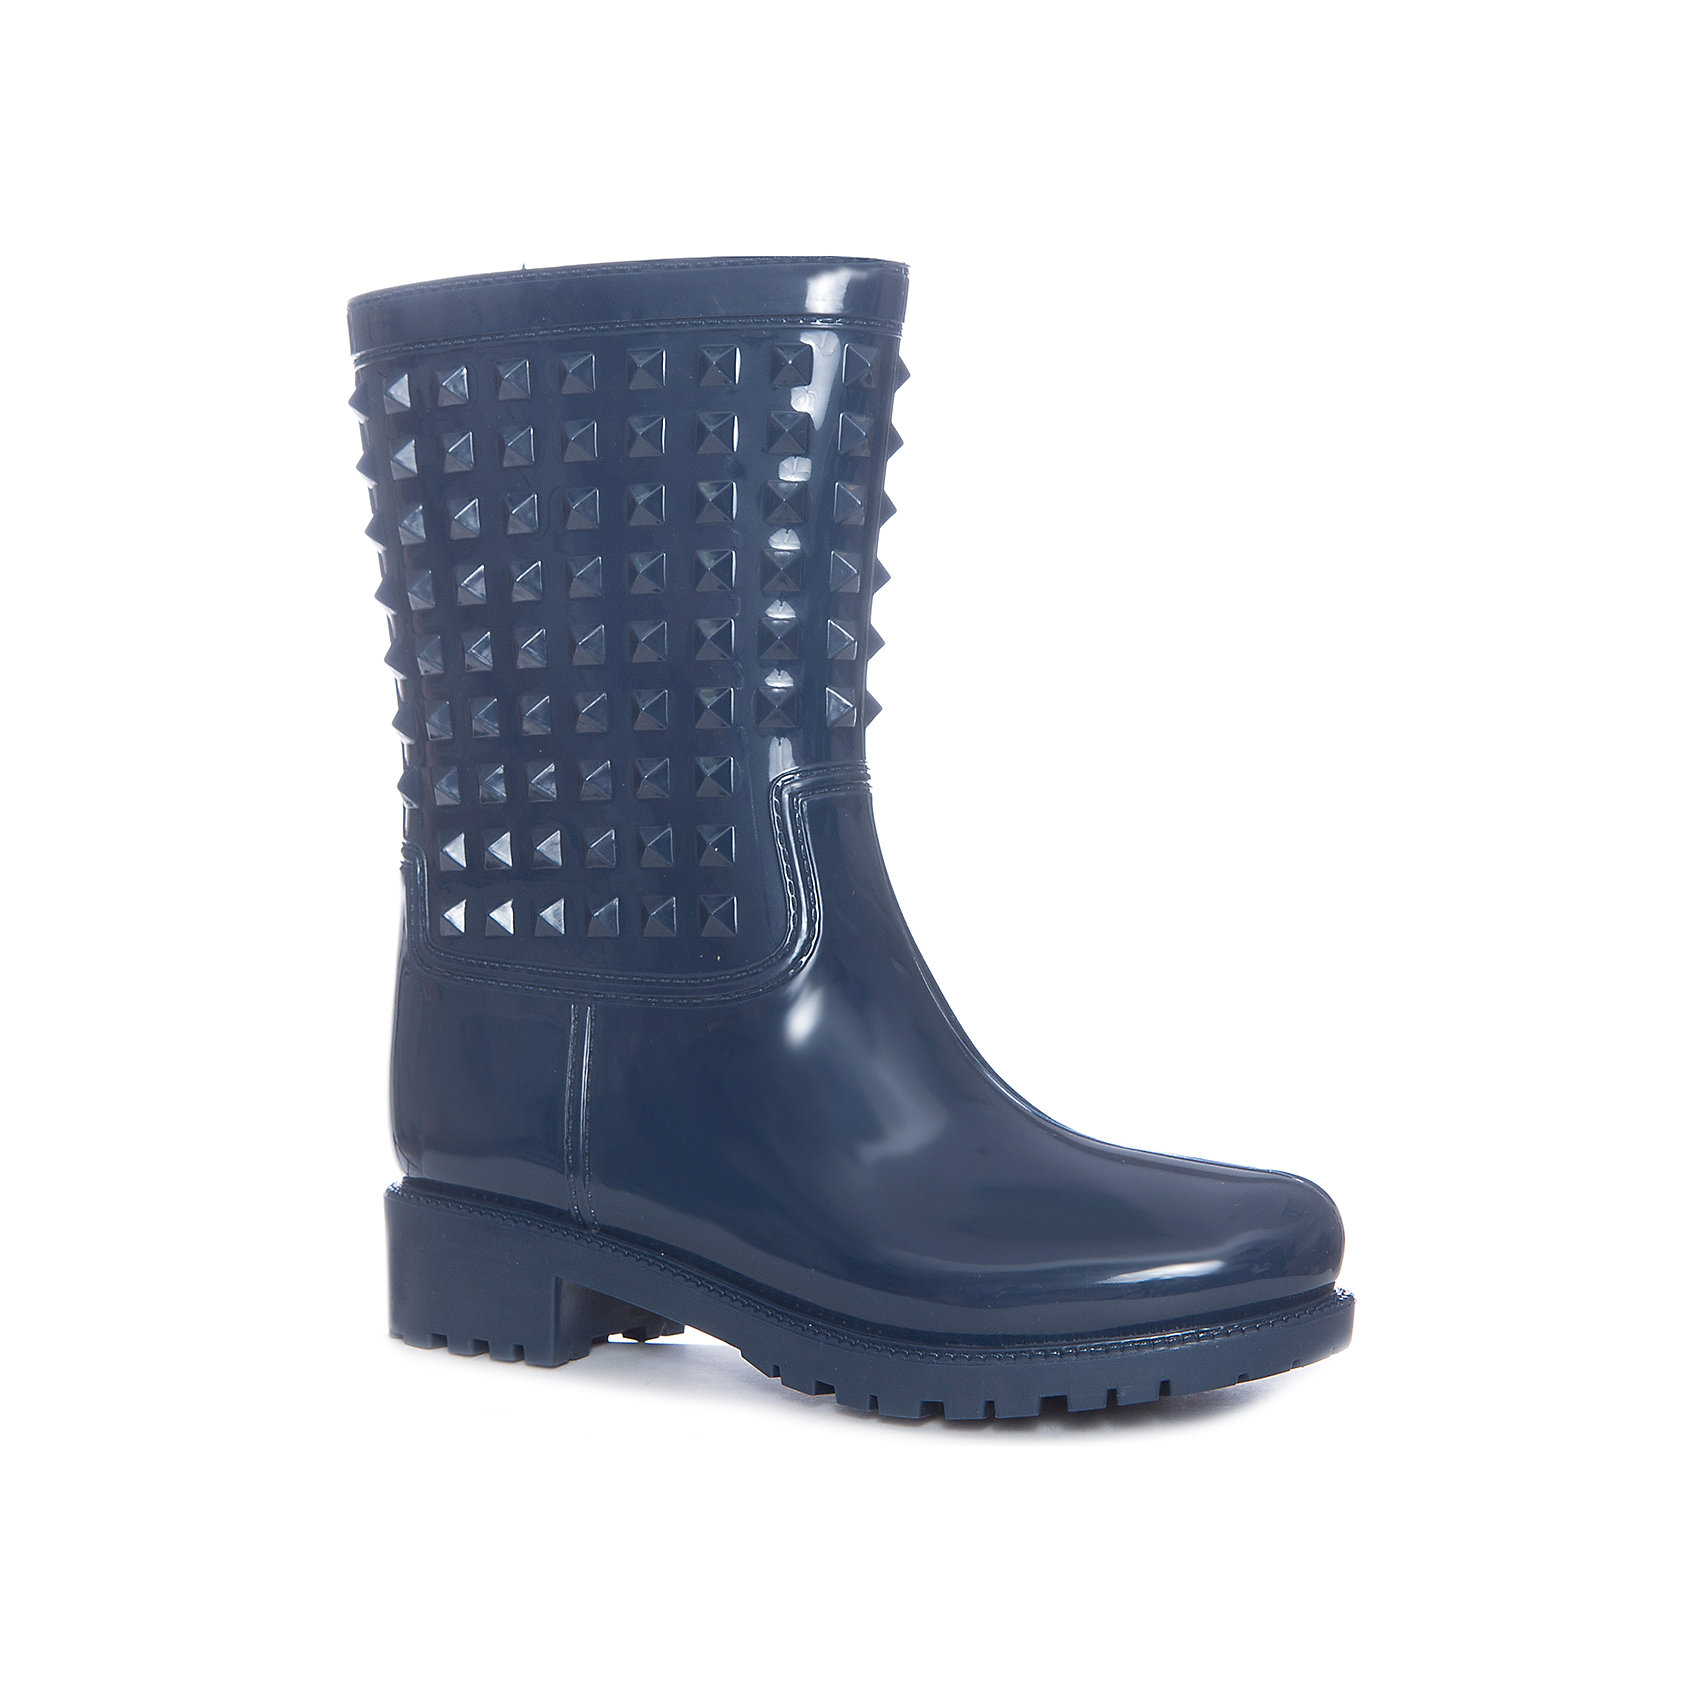 Резиновые сапоги для девочки GulliverПрошли те времена, когда резиновые сапоги играли исключительно функциональную роль. В наше время дизайну резиновых сапог уделяется такое же внимание, как босоножкам и туфлям. И действительно, почему в дождь и слякоть надо выглядеть хуже? Если вы уверены в том, что обувь - главный игрок в построении стильного гардероба, эти резиновые сапоги с шипами - лучшее тому доказательство!<br>Состав:<br>верх:ПВХ; подкладка: текстиль; подошва:ПВХ<br><br>Ширина мм: 237<br>Глубина мм: 180<br>Высота мм: 152<br>Вес г: 438<br>Цвет: синий<br>Возраст от месяцев: 168<br>Возраст до месяцев: 1188<br>Пол: Женский<br>Возраст: Детский<br>Размер: 40,36,37,38,39<br>SKU: 5483097